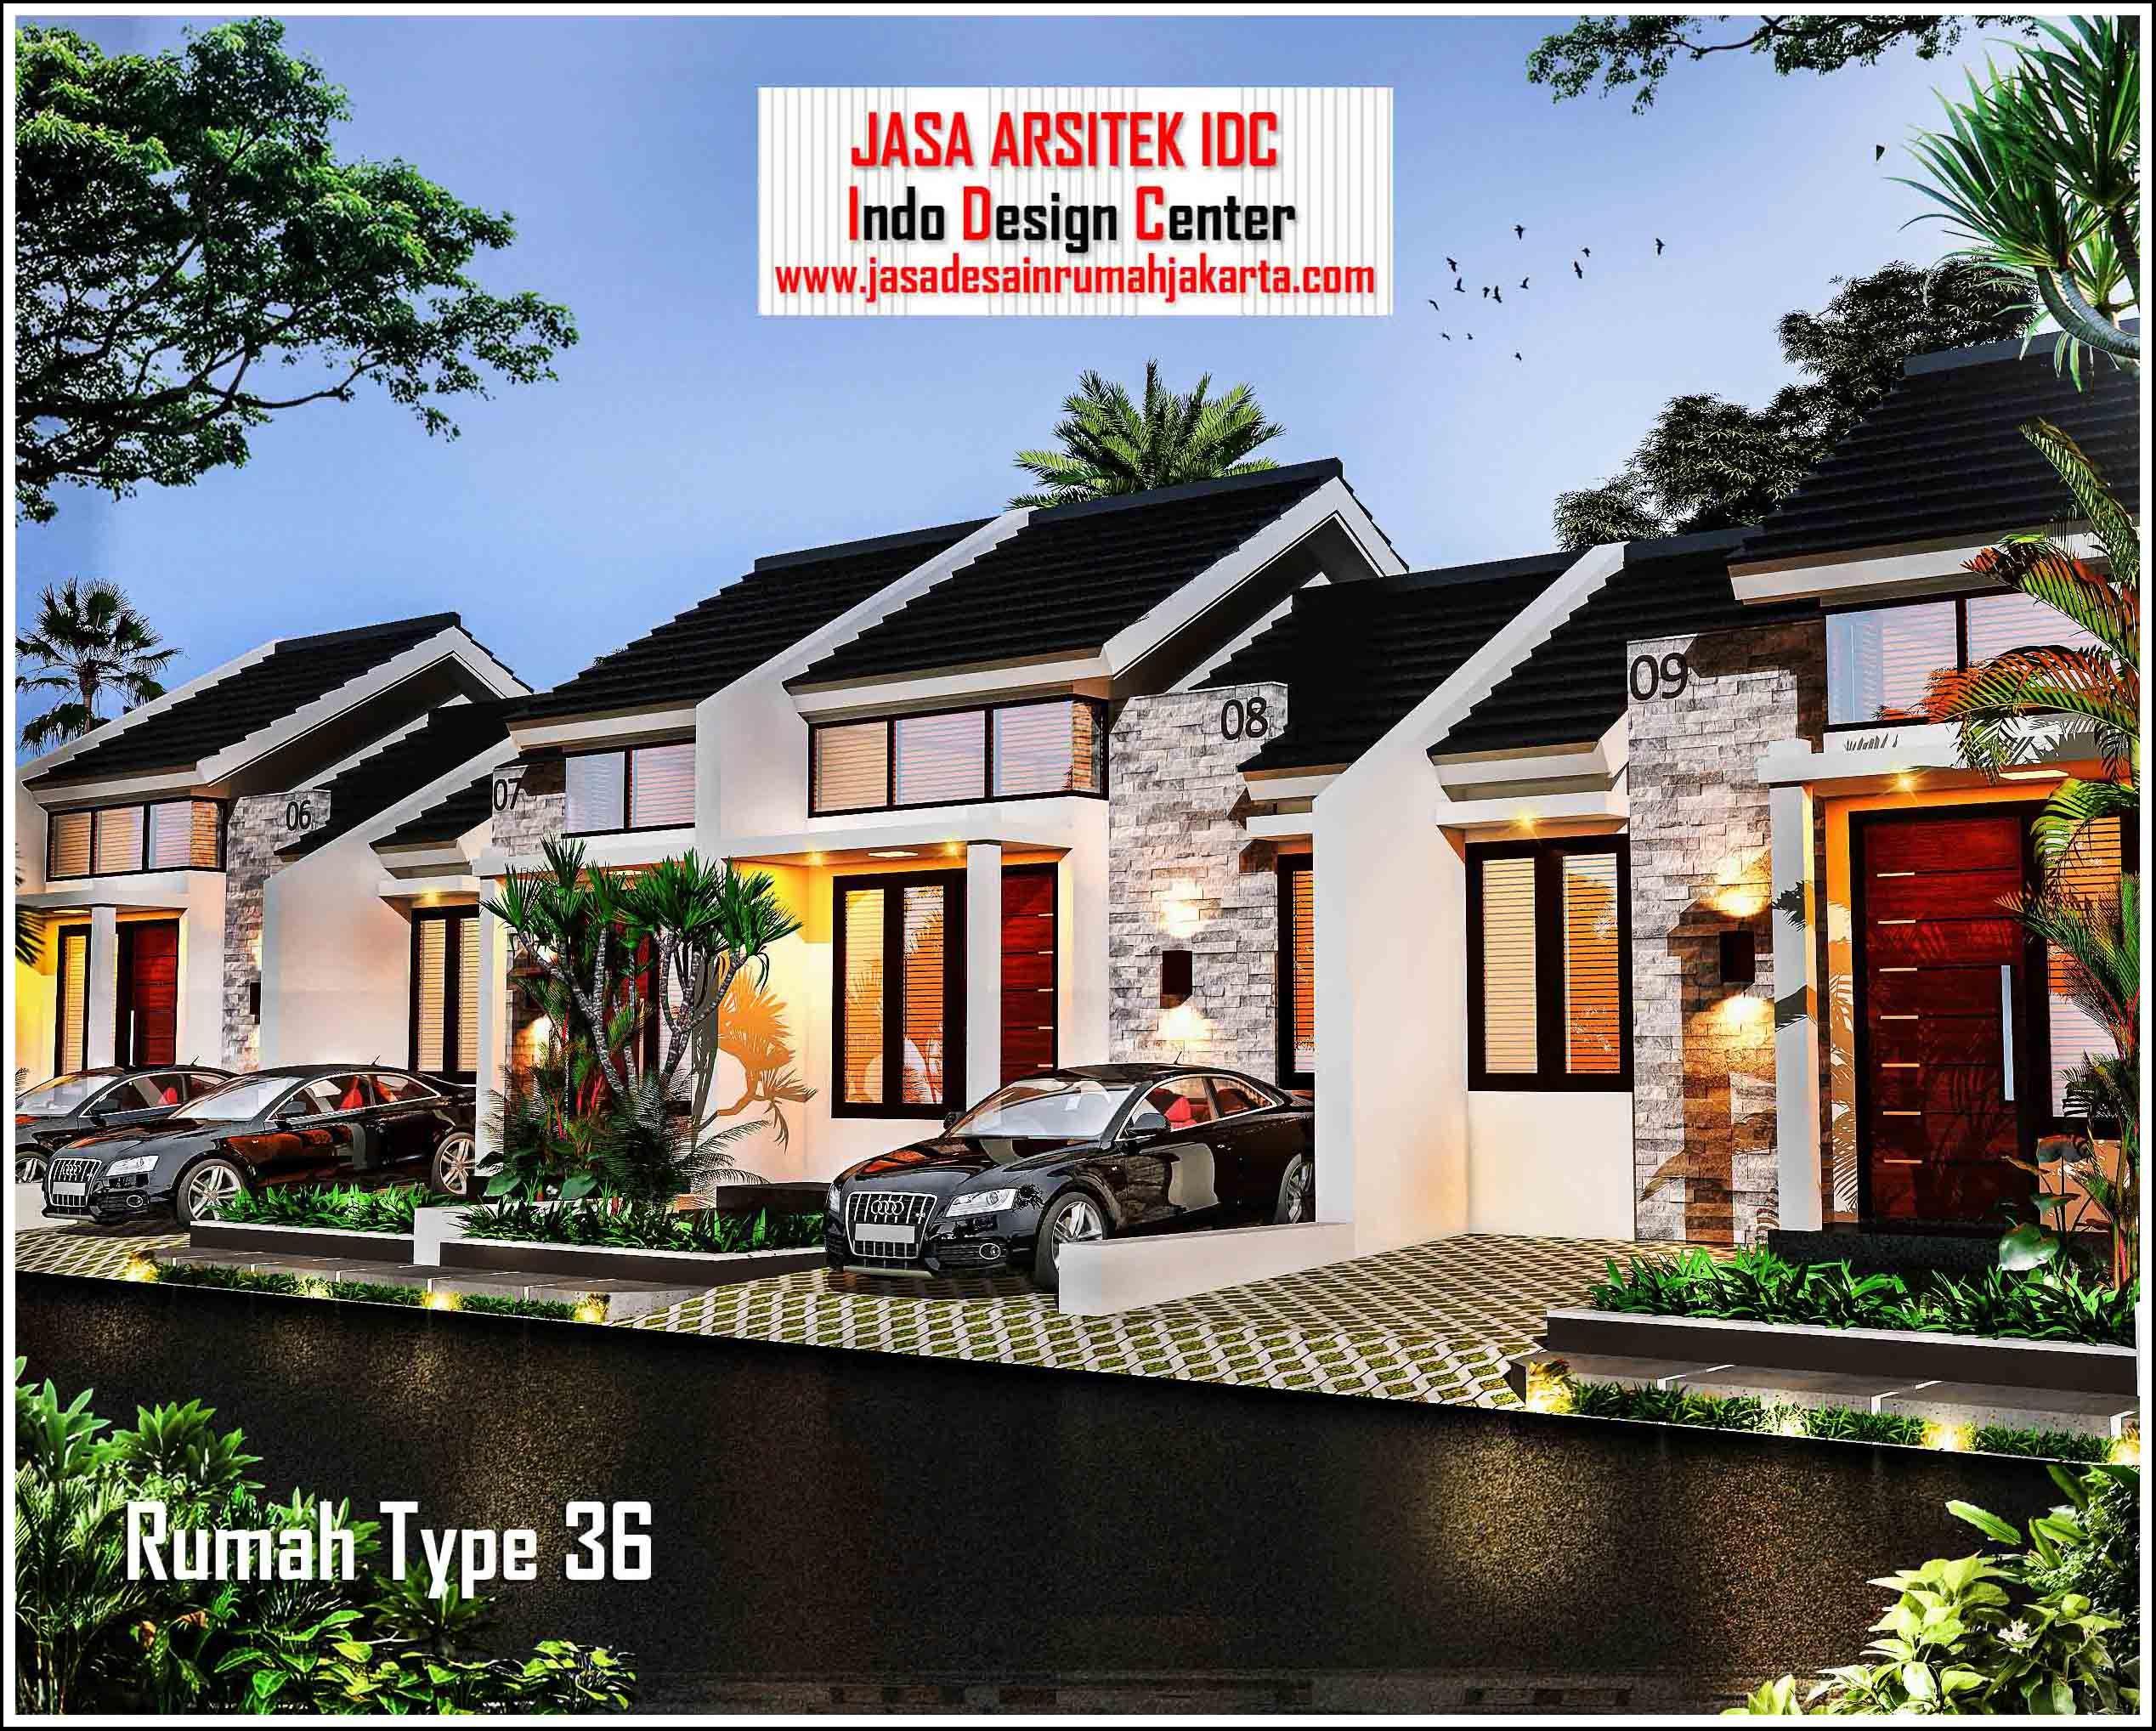 Jasa Arsitek Rumah Minimalis Type 36 Part 3 Of 3 Denah Rumah Type